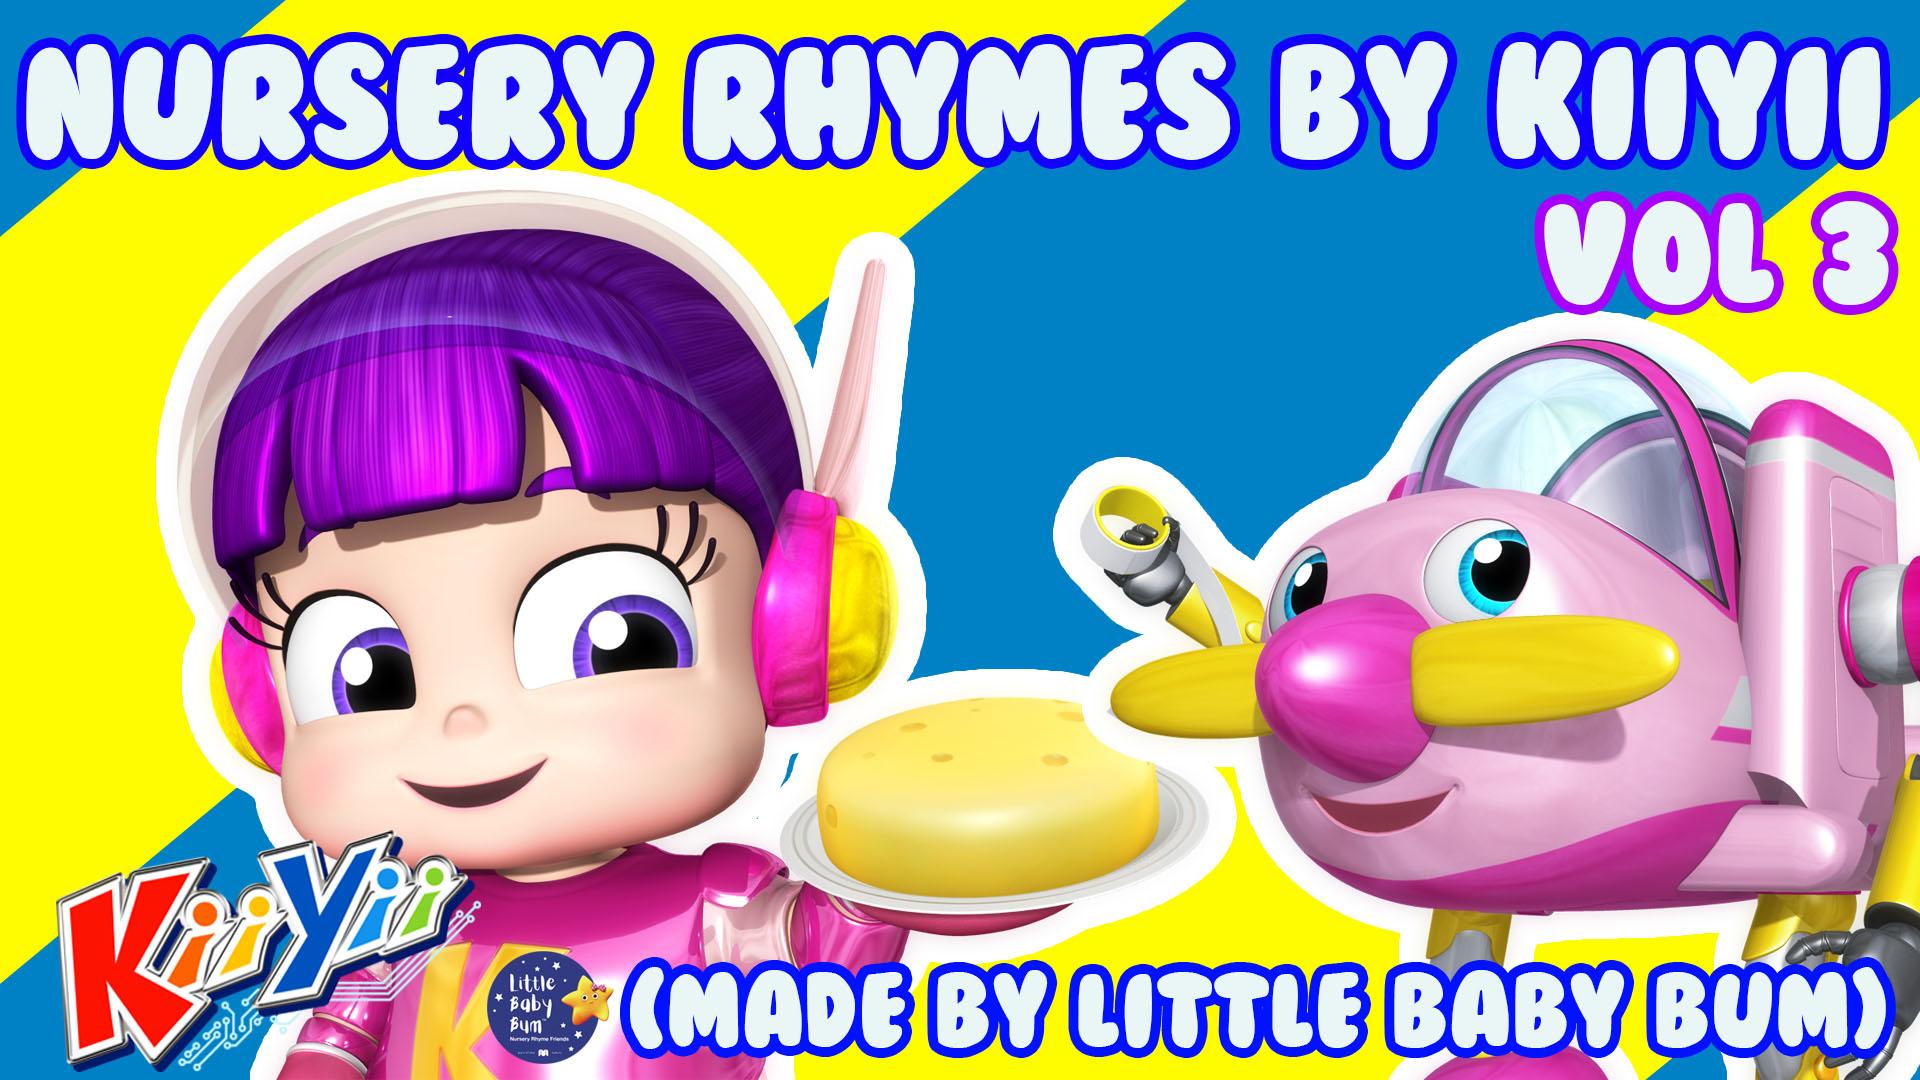 Nursery Rhymes and Kids Songs by KiiYii (Made by Little Baby Bum) - Season 3